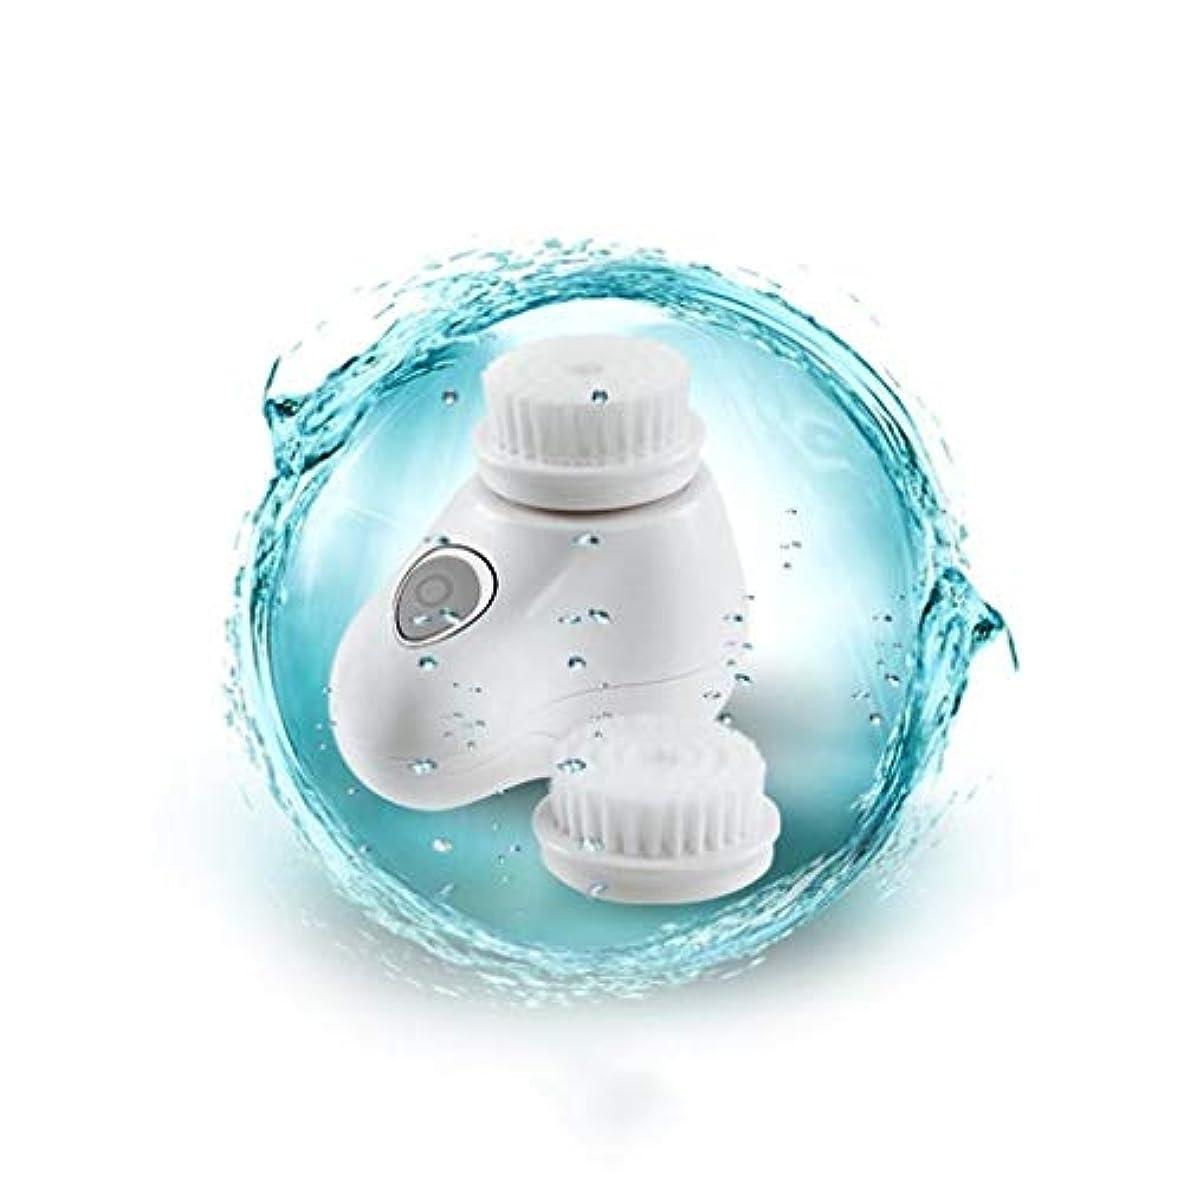 深くびん国際ソニックフェイシャルクレンジングブラシ、電動ビューティーマッサージブラシディープフェイシャルマッサージャーポアクリーナー (Color : White)